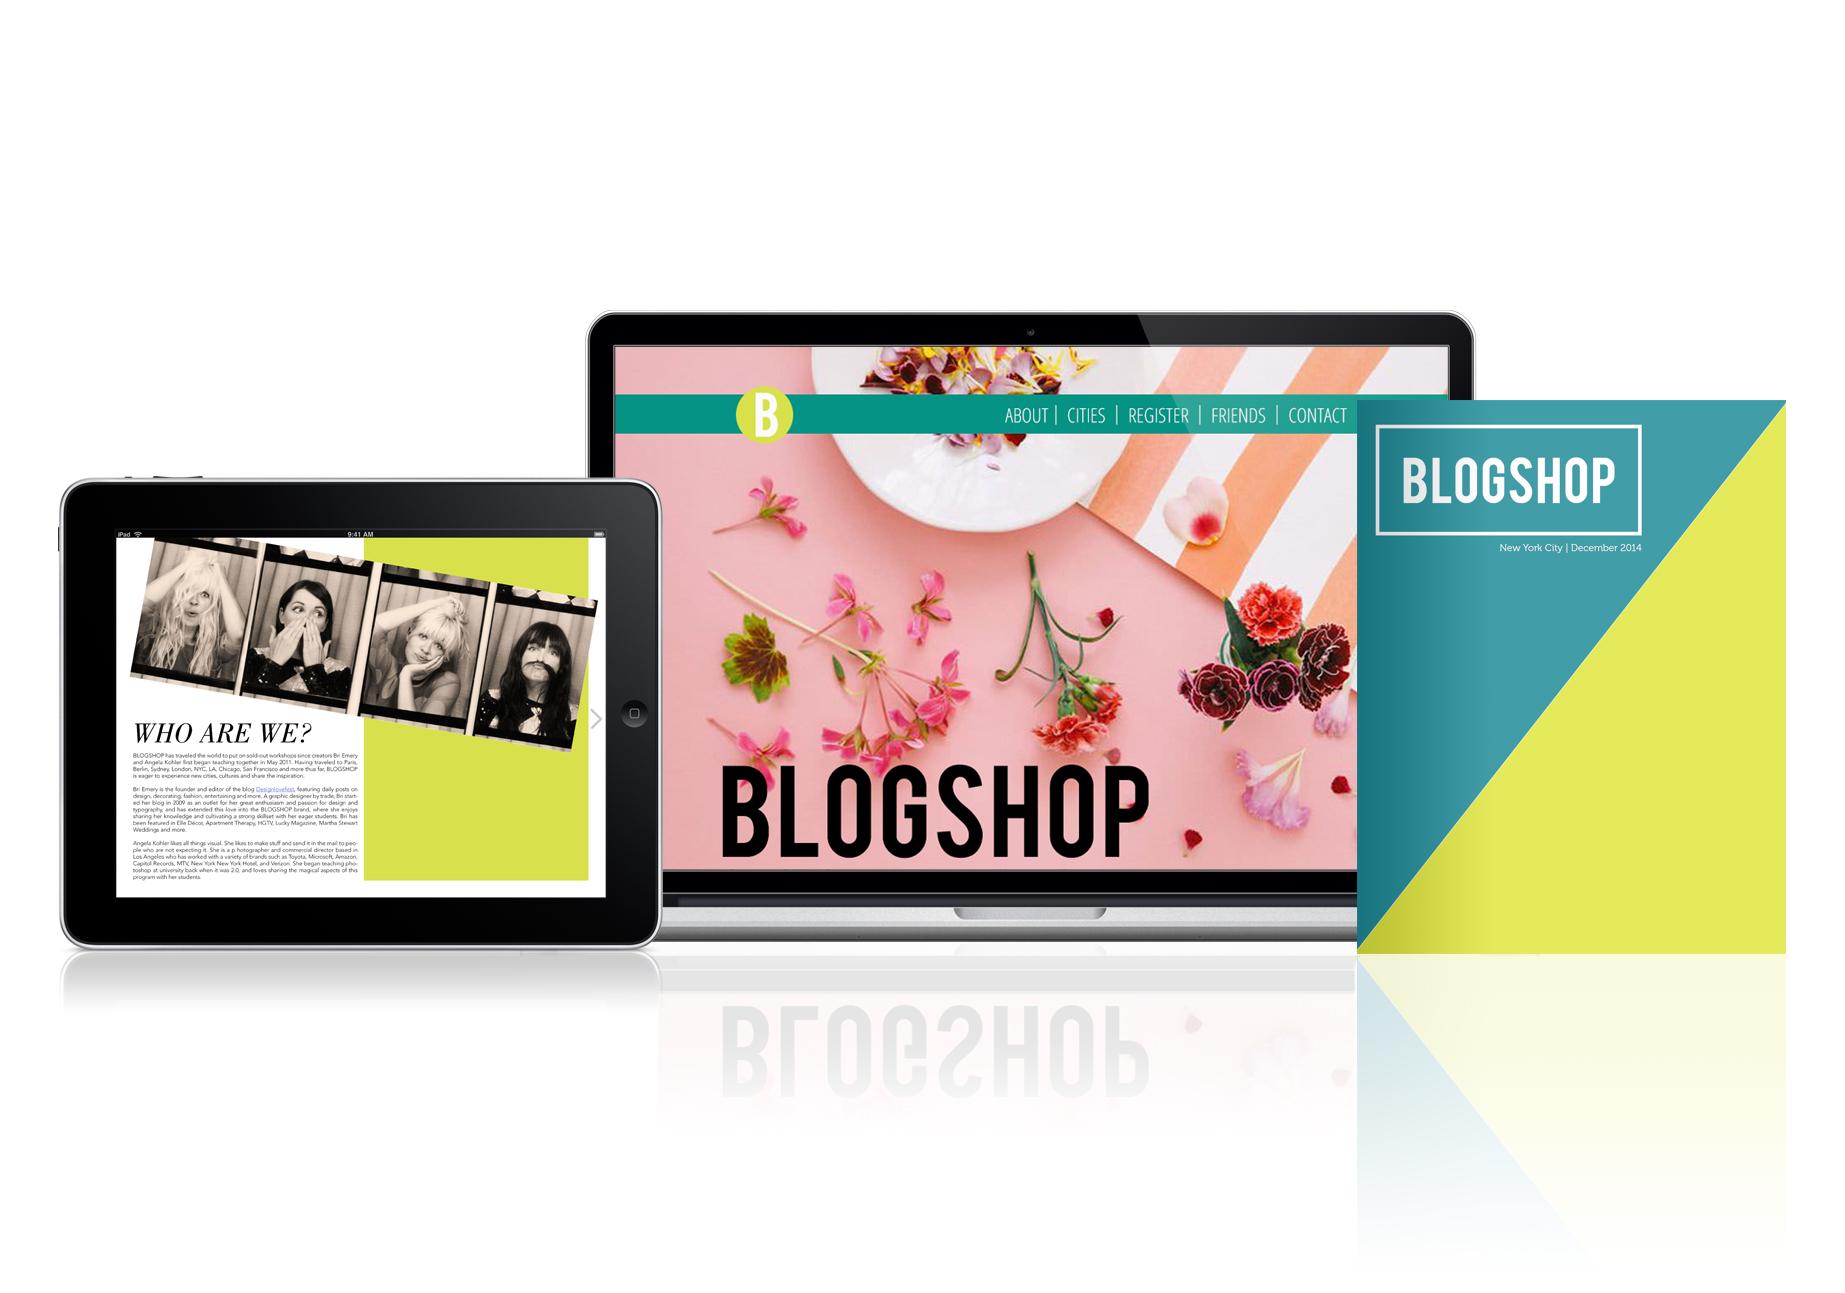 Blogshop e-publication, website, and print booklet.